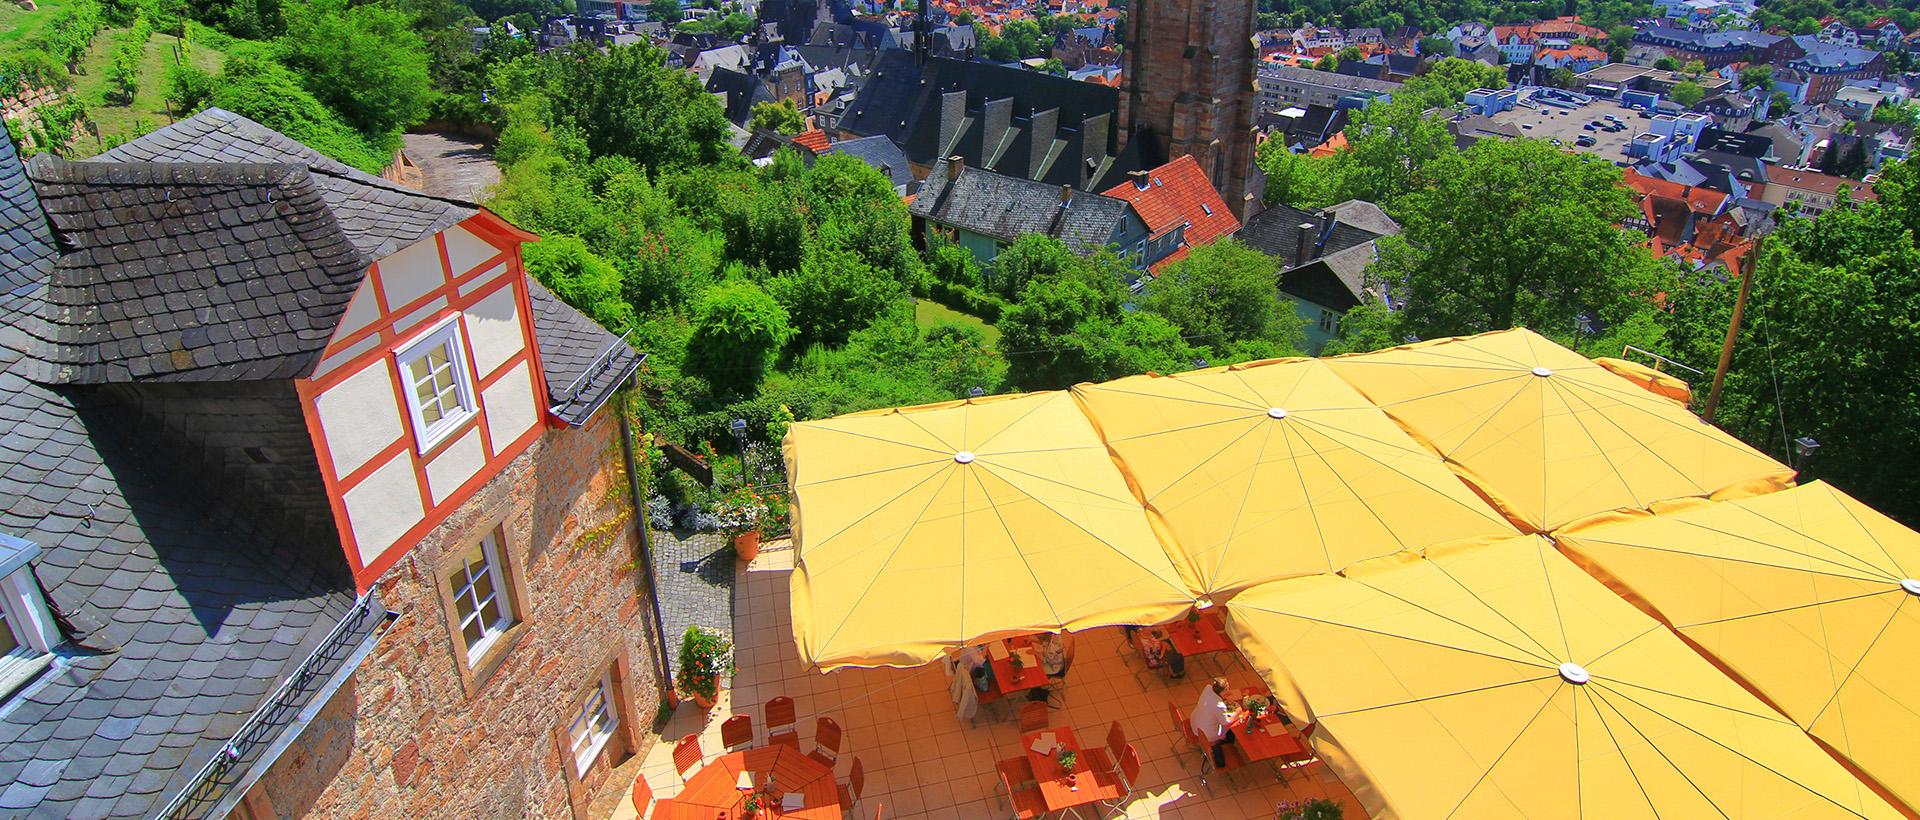 Der Biergarten des Restaurant Bückingsgarten